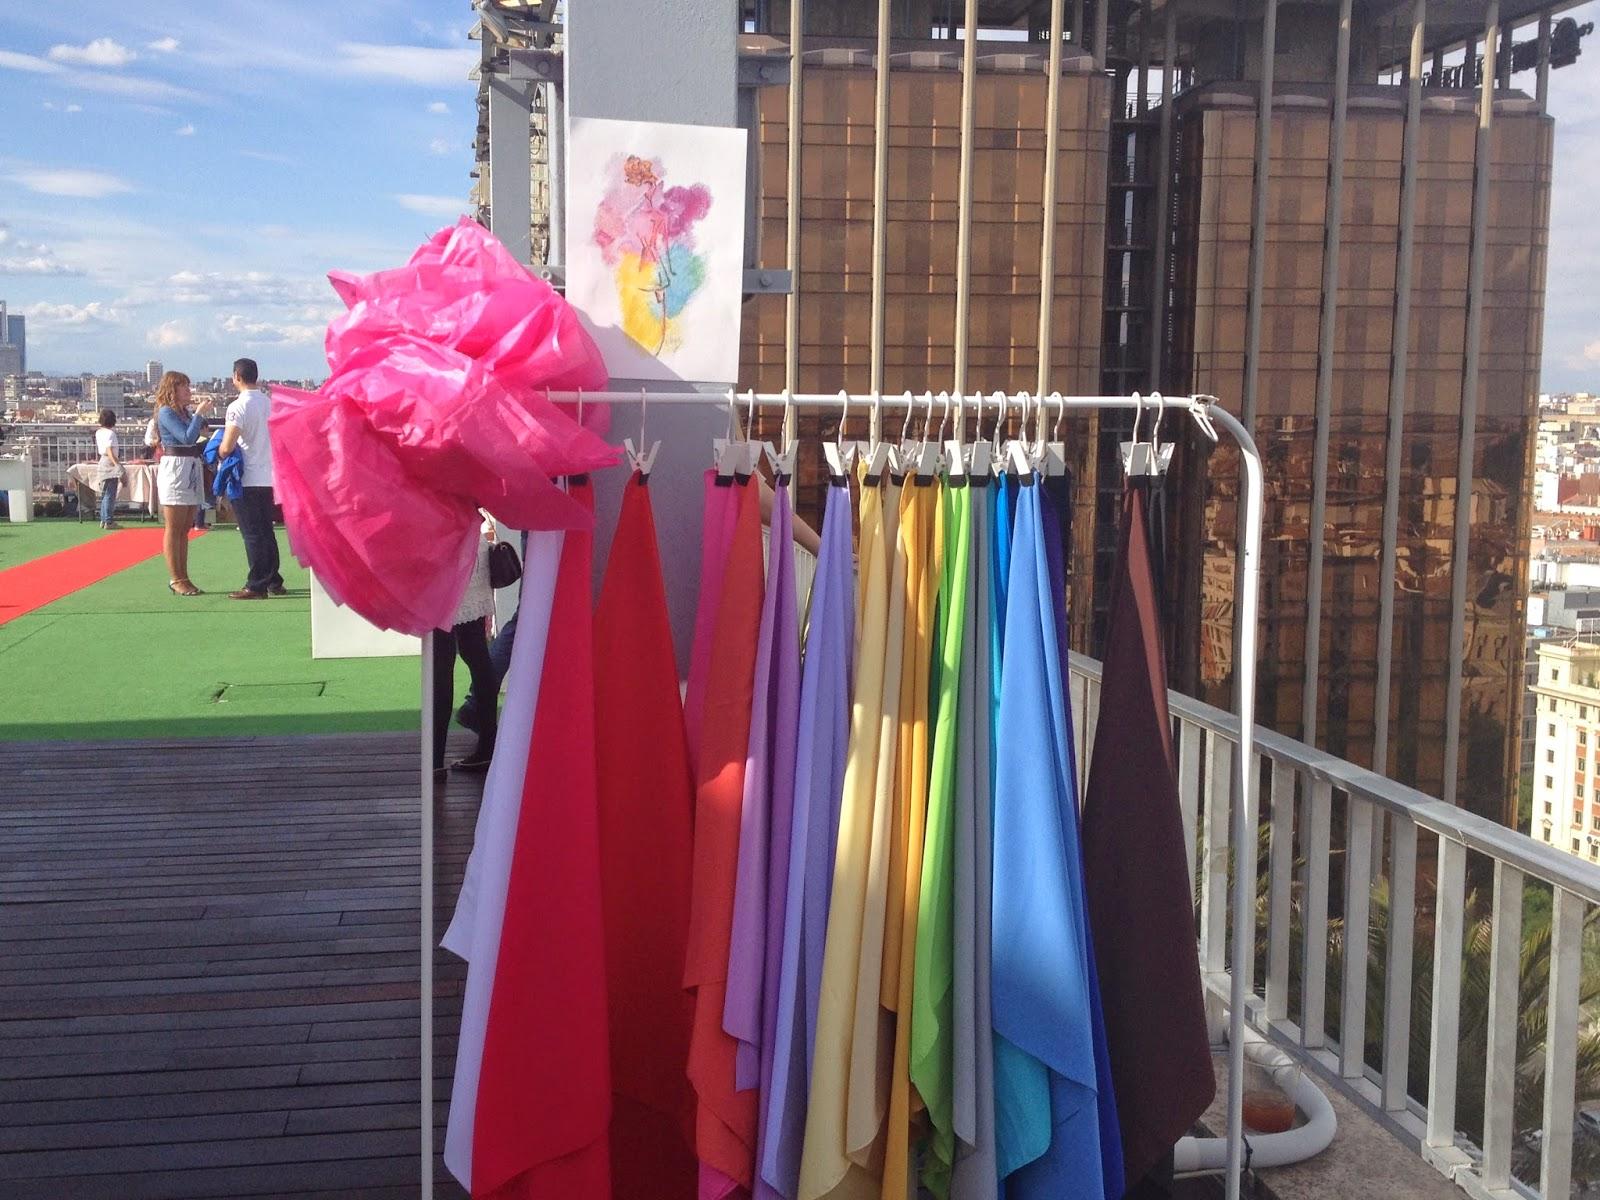 Silueta De Color Personal Shopper En El Evento Moda Con